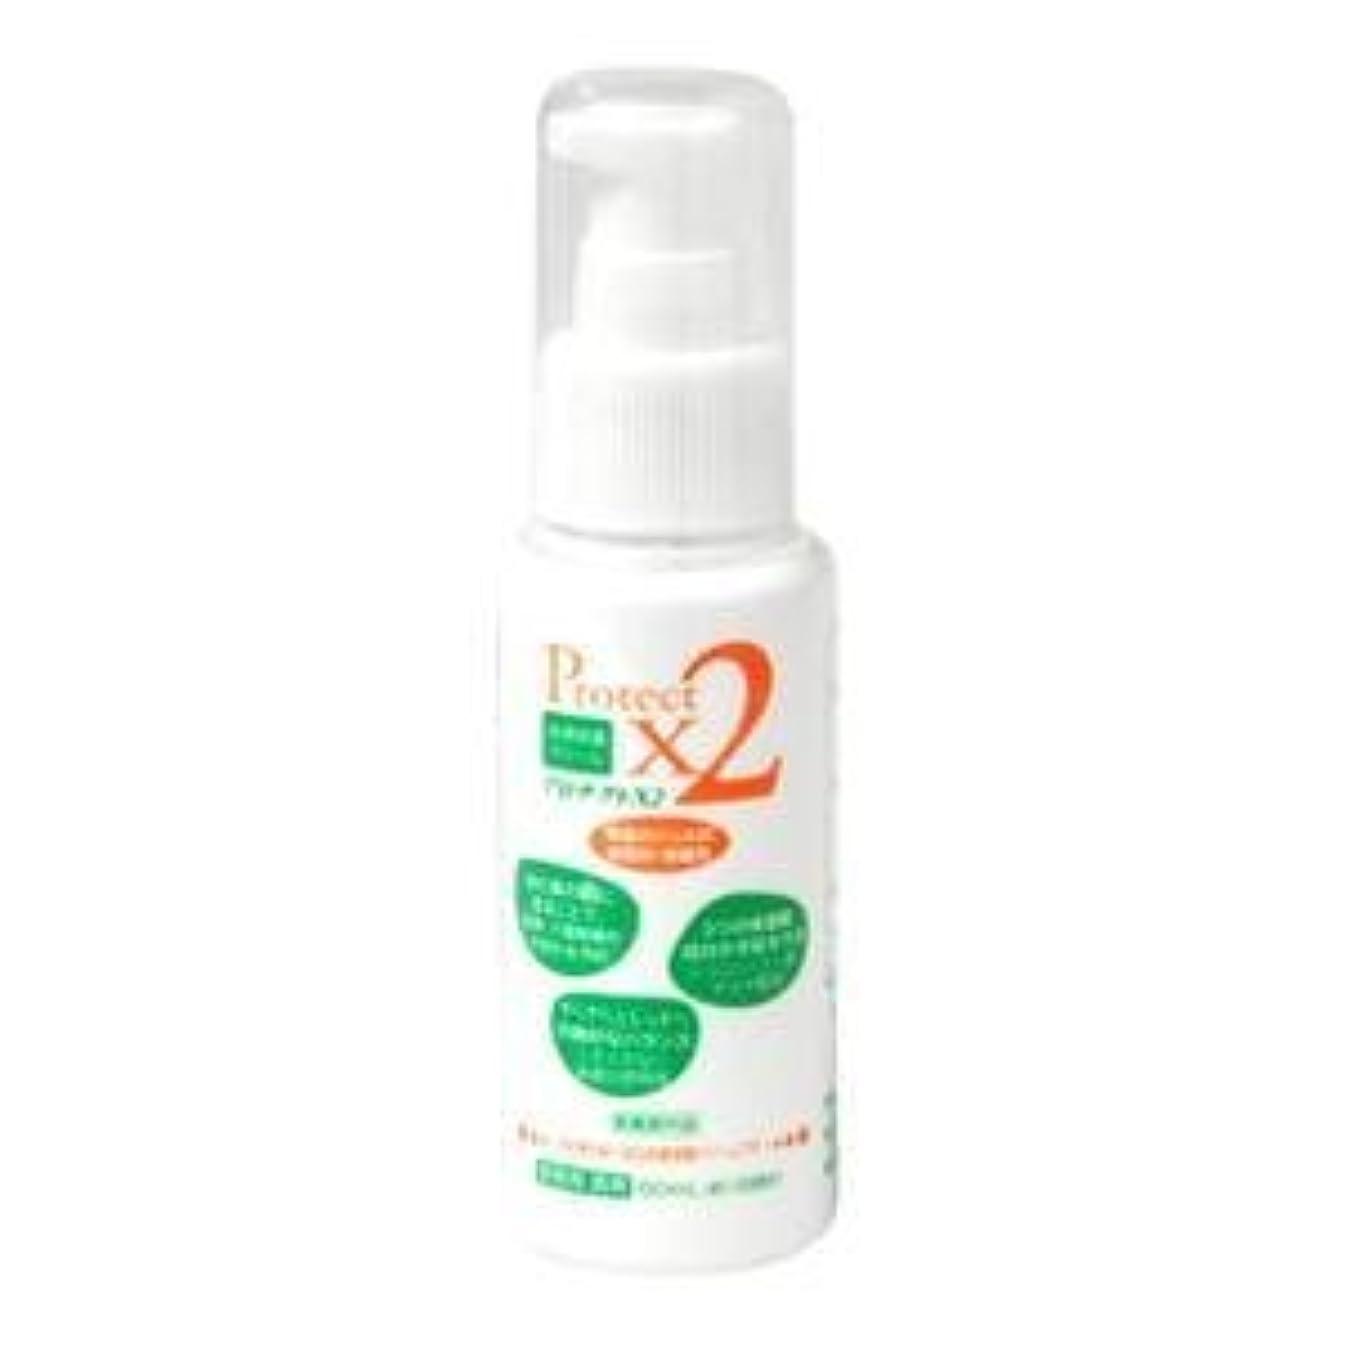 債権者処方不透明な【敏感肌用/手荒れがひどい方に】 プロテクトX2  お肌を保護する高機能クリーム (60ml)